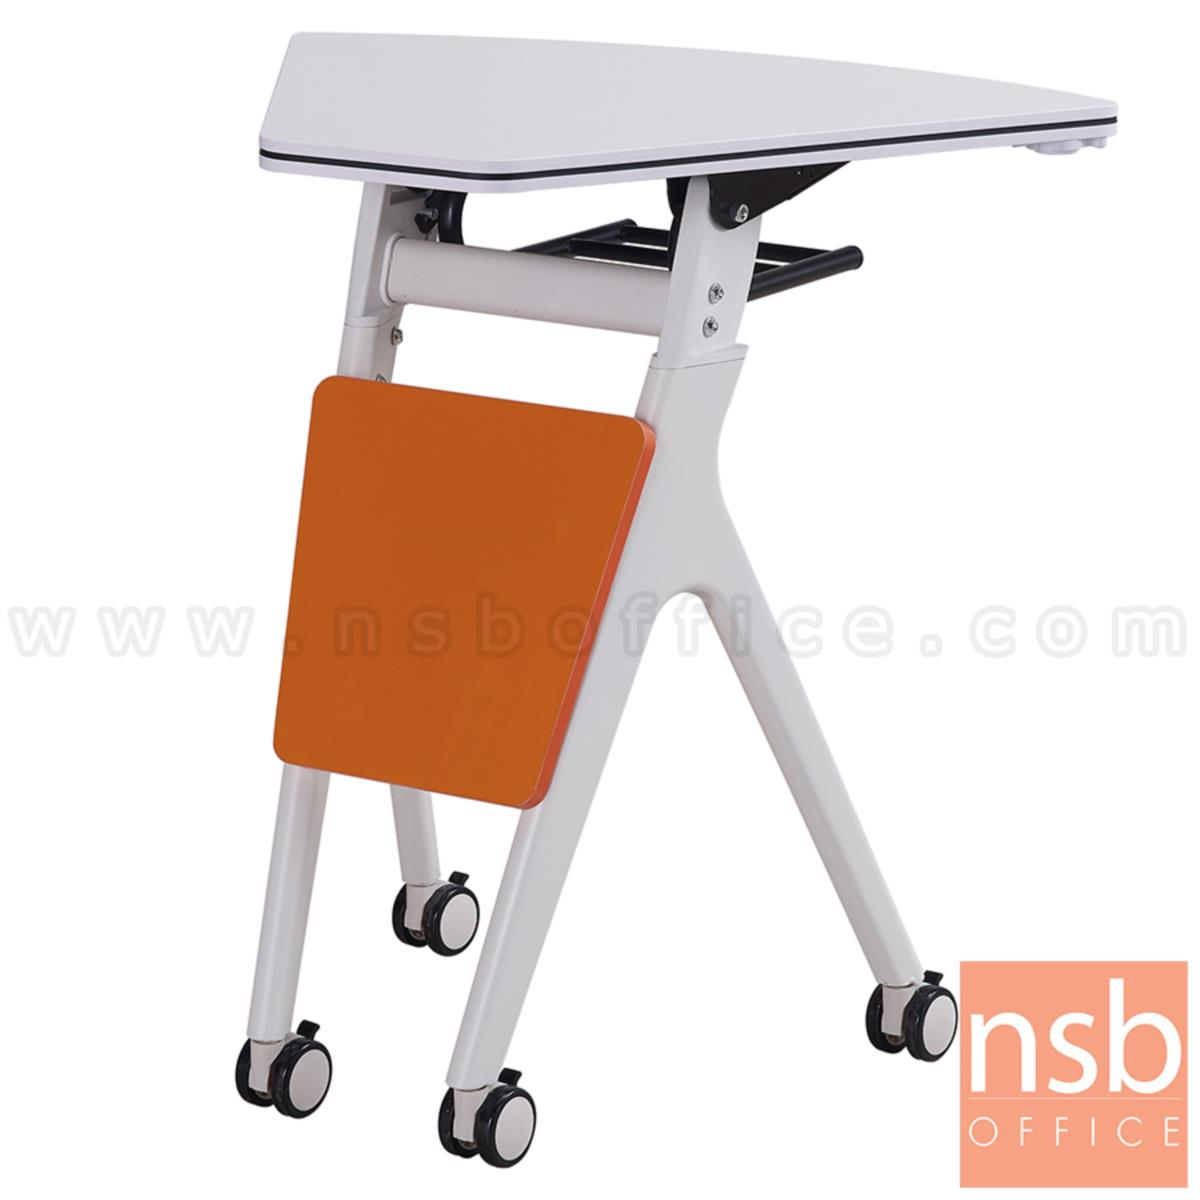 A18A101:โต๊ะประชุมเข้ามุม ล้อเลื่อน รุ่น Lucy (ลูซี่)  โครงเหล็กพ่นสีขาว